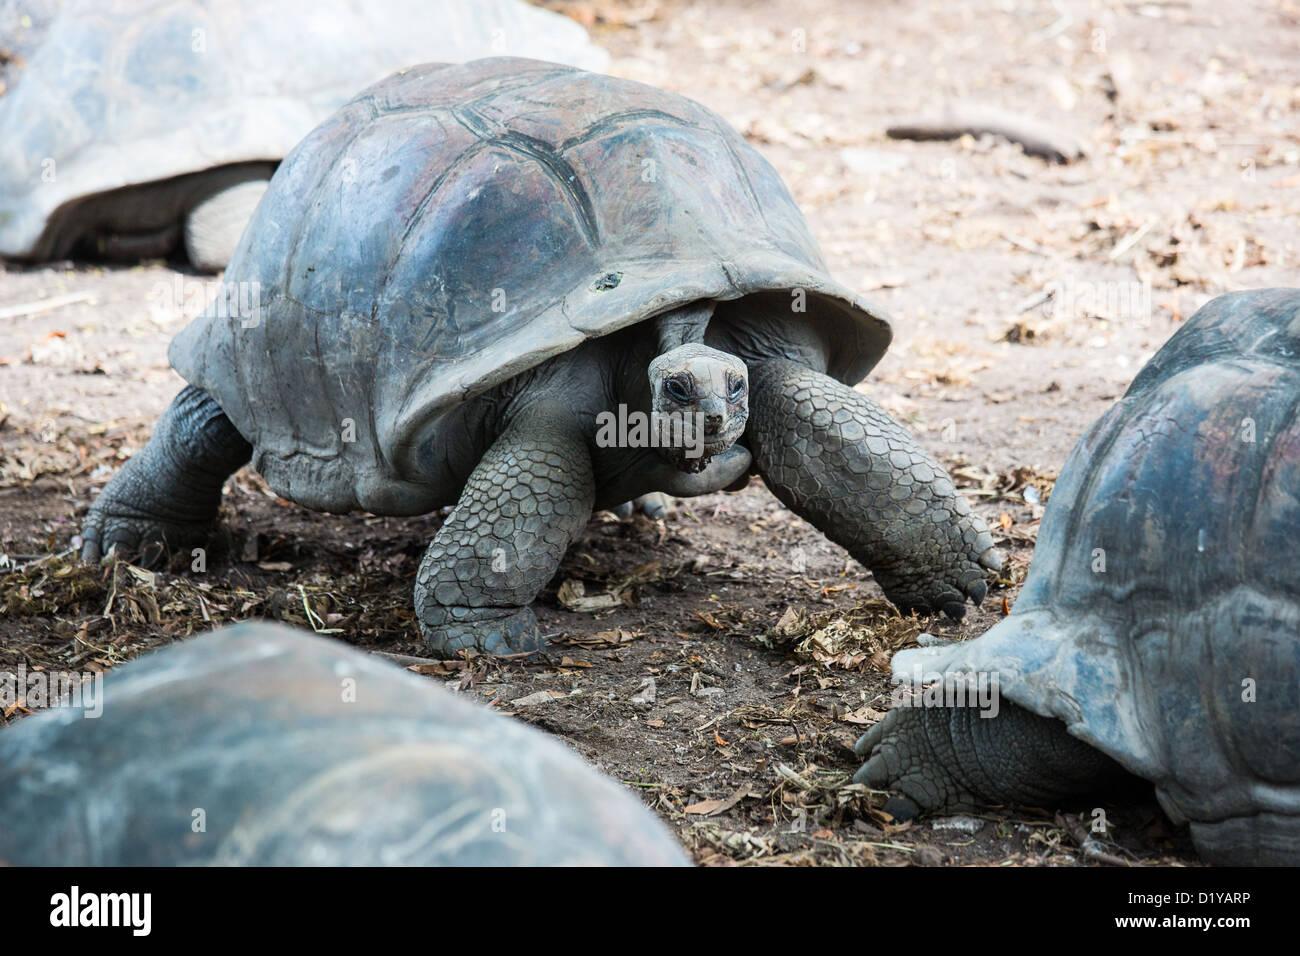 Giant Seychelles tortoise, L' Union Estate, La Digue Island, Seychelles - Stock Image